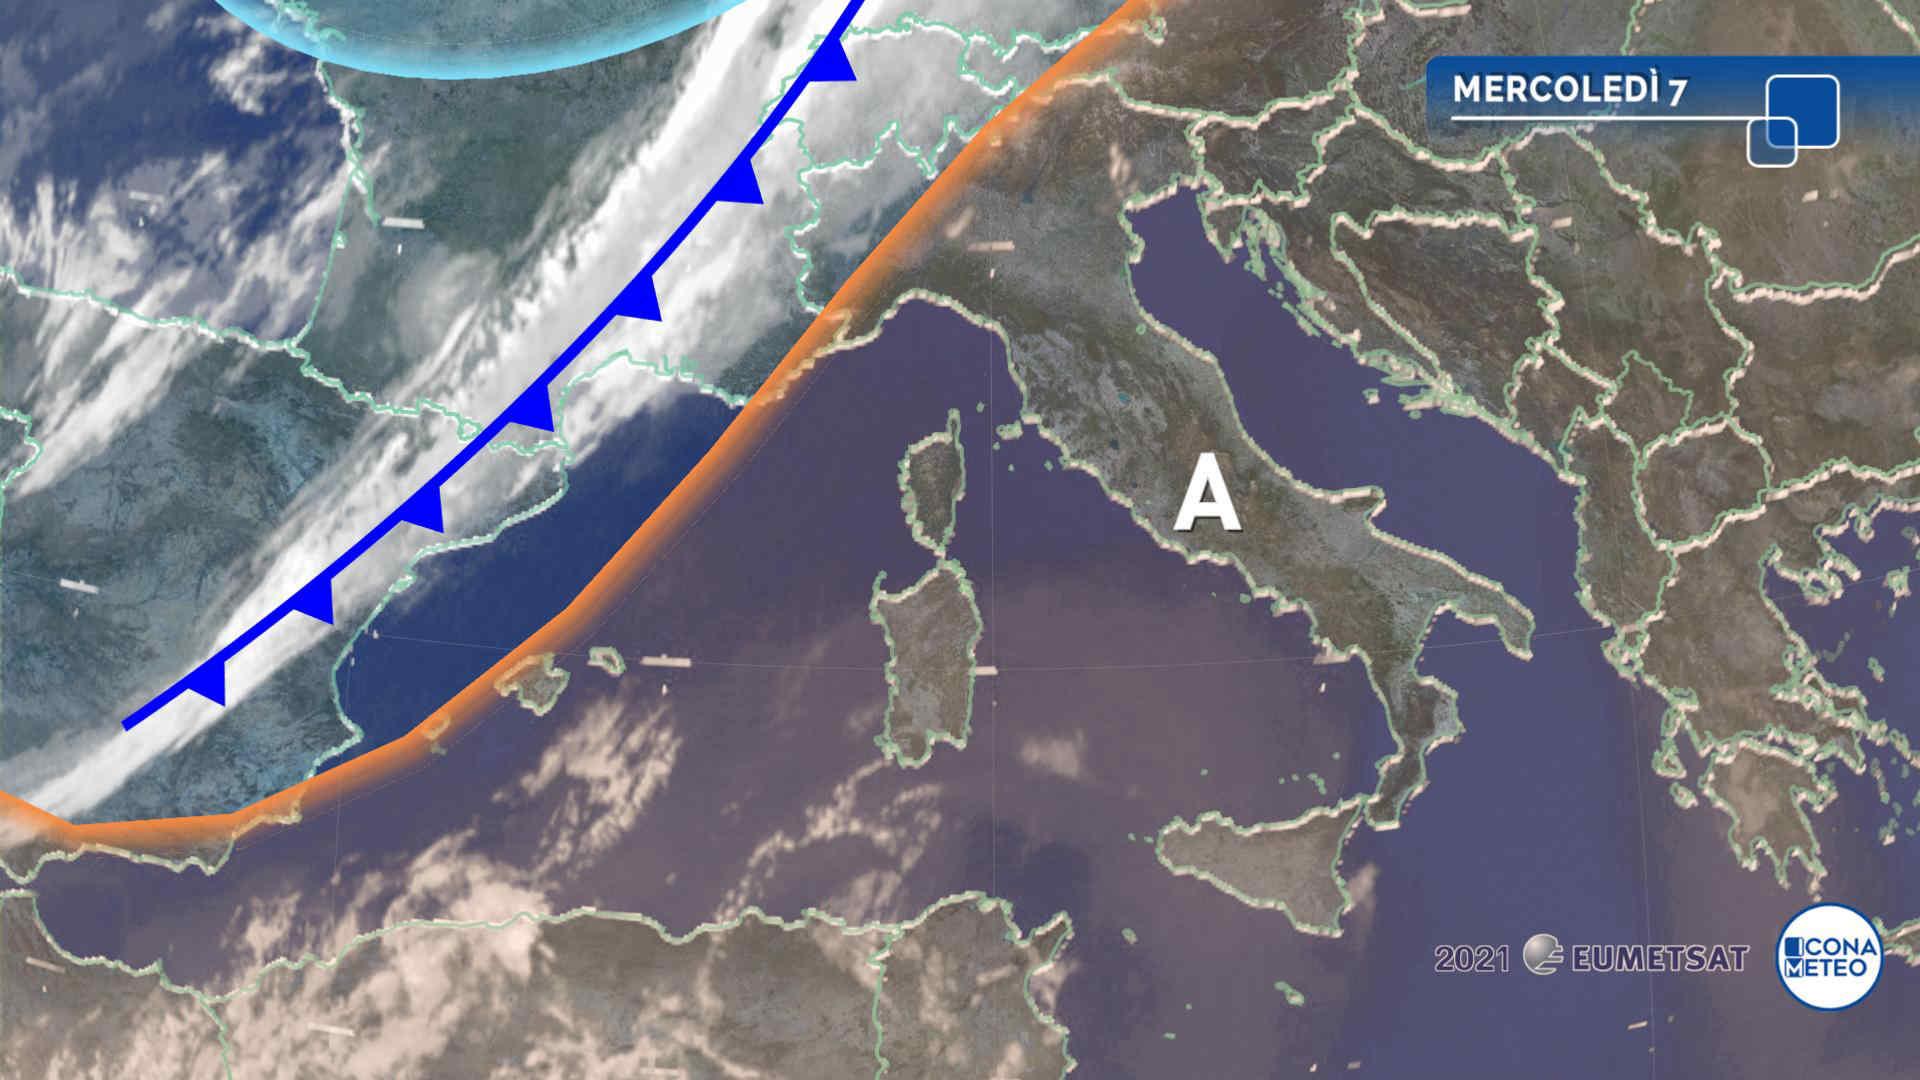 Meteo, 7 e 8 luglio con caldo intenso al Centro-Sud e forti temporali al Nord